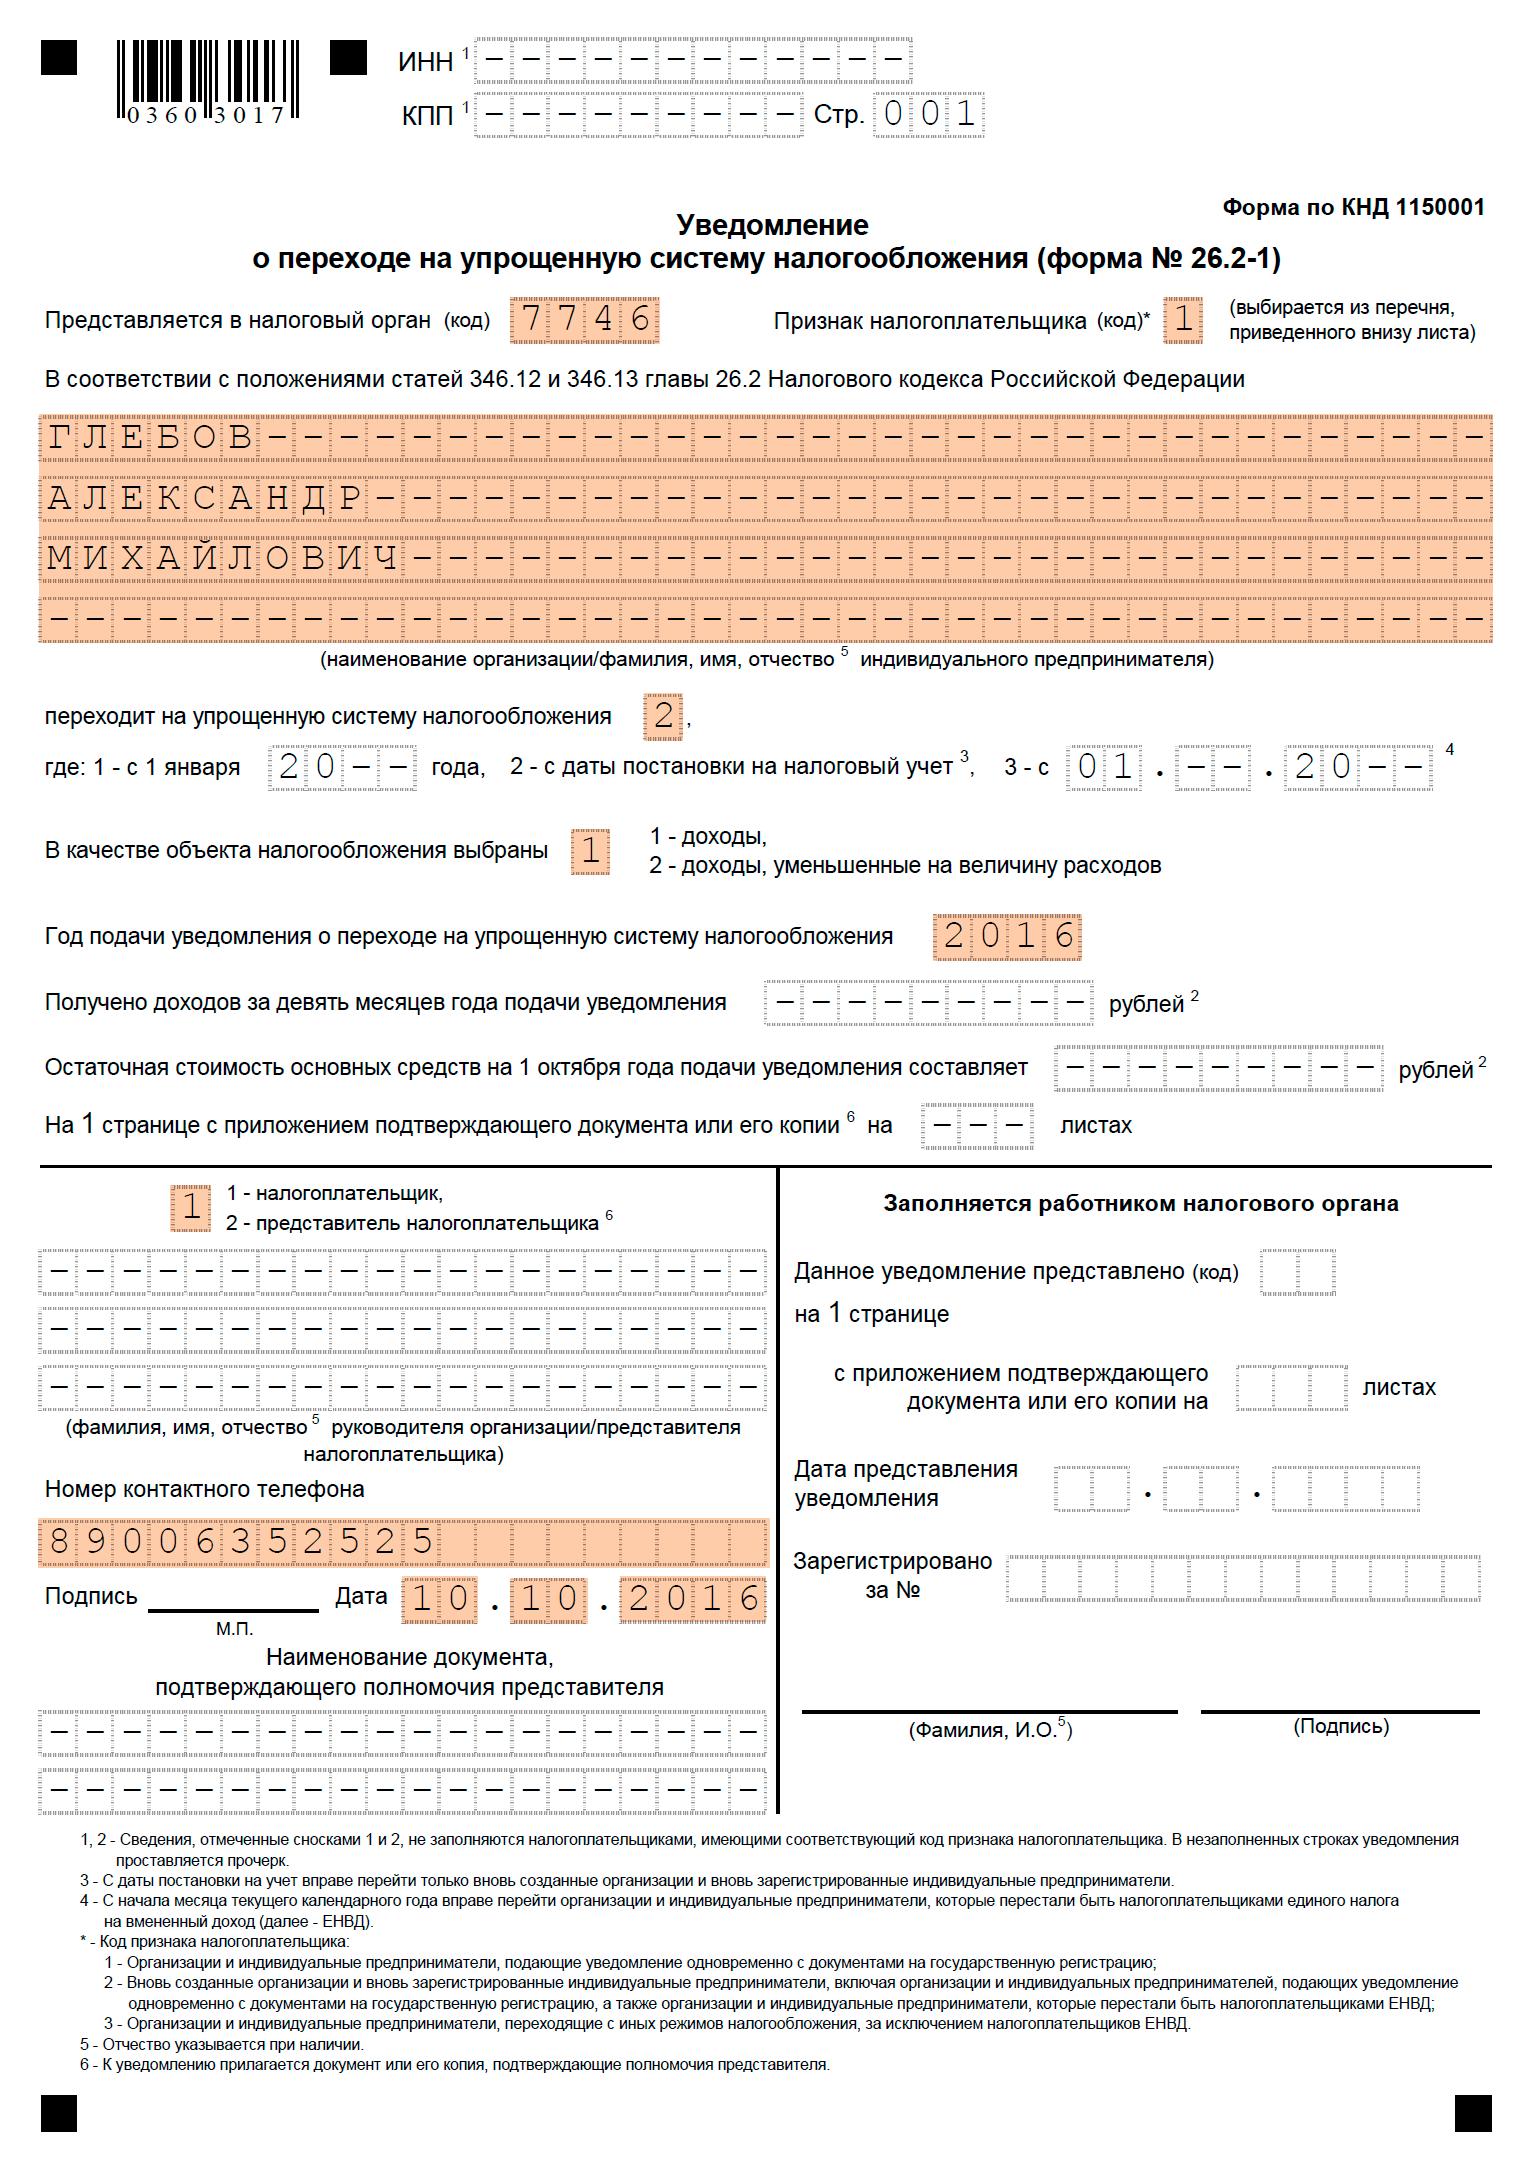 Смена вида налогообложения